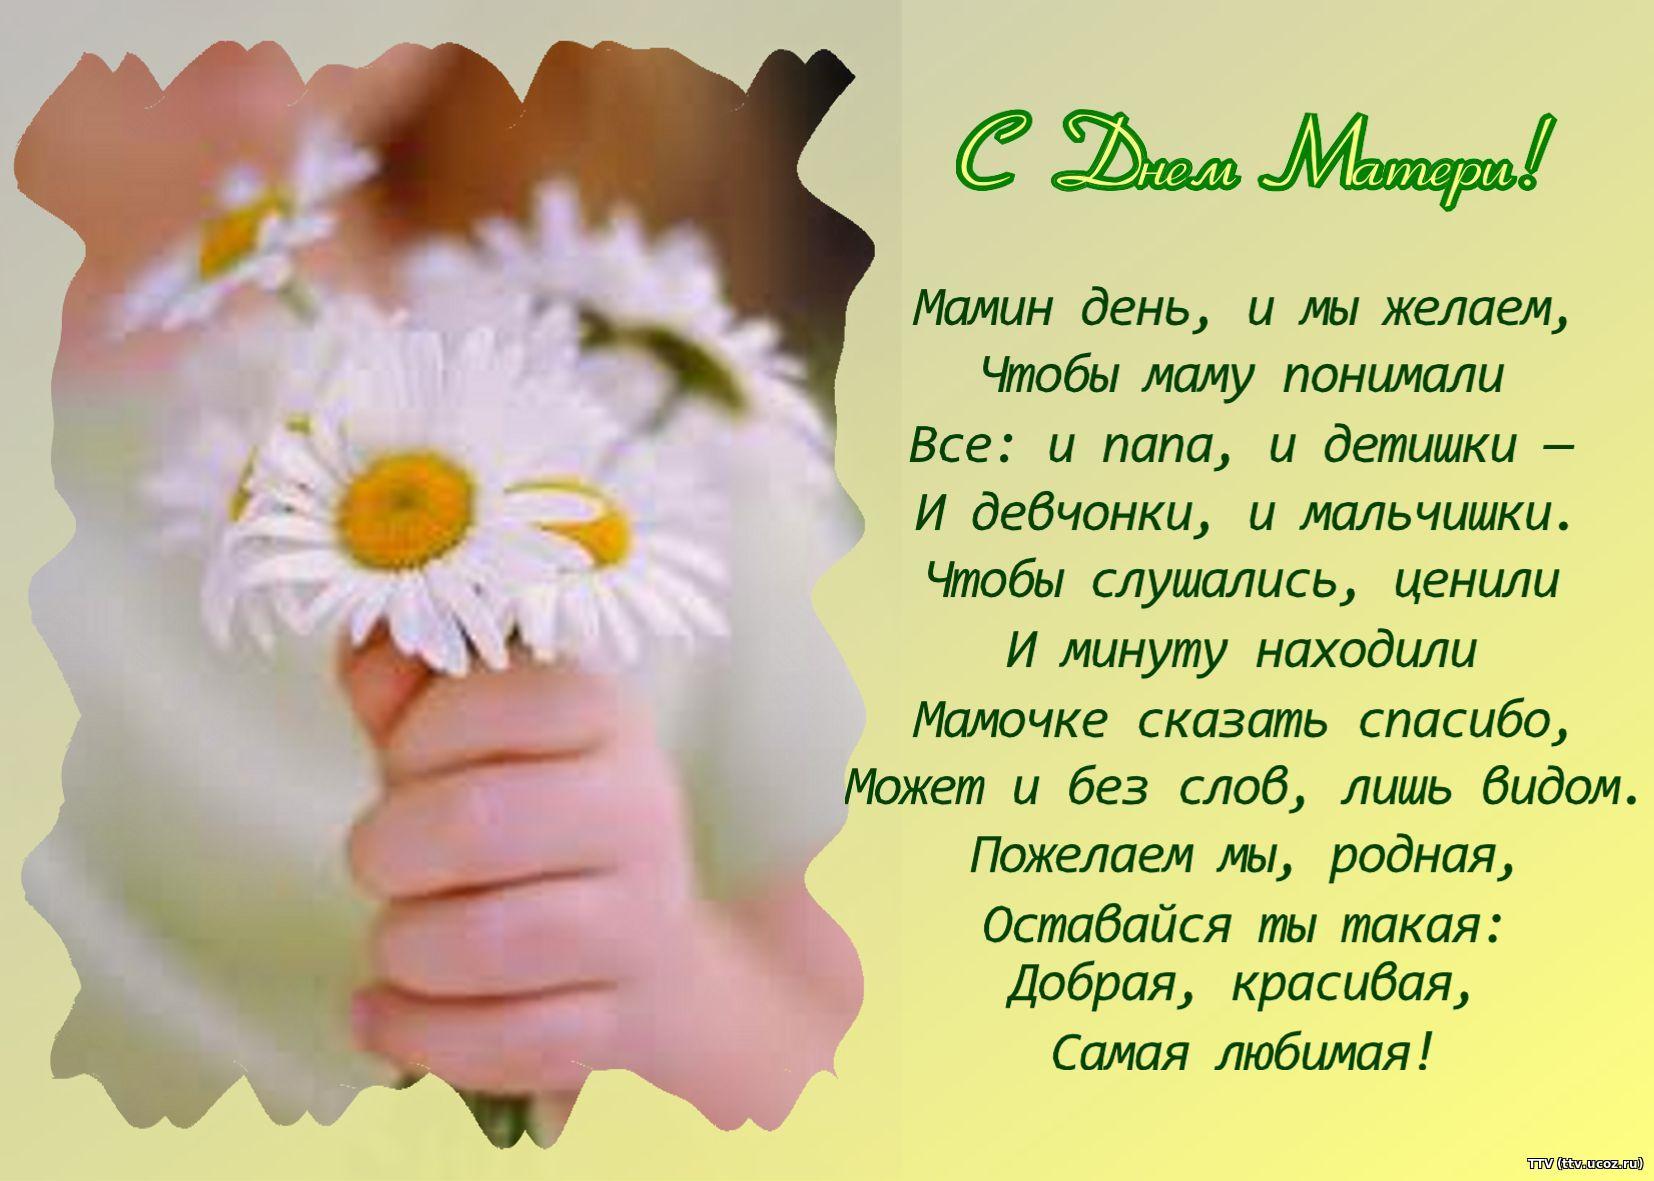 Поздравление с днем матери всем женщинам